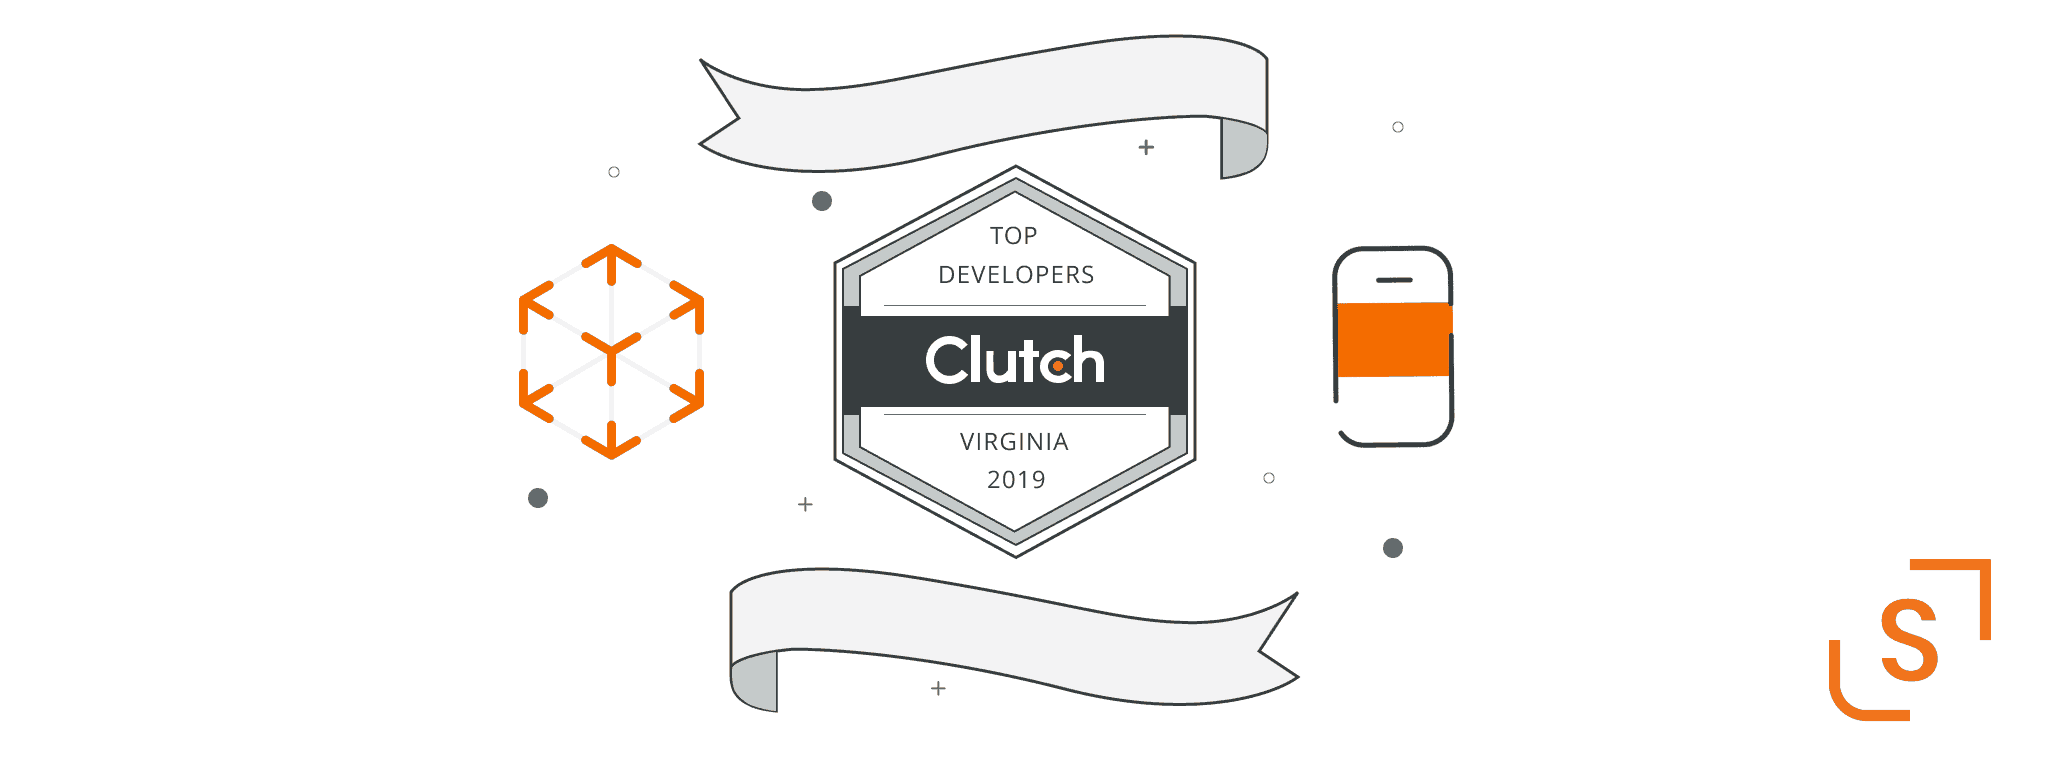 Clutch Names Shockoe a Top Developer in Virginia